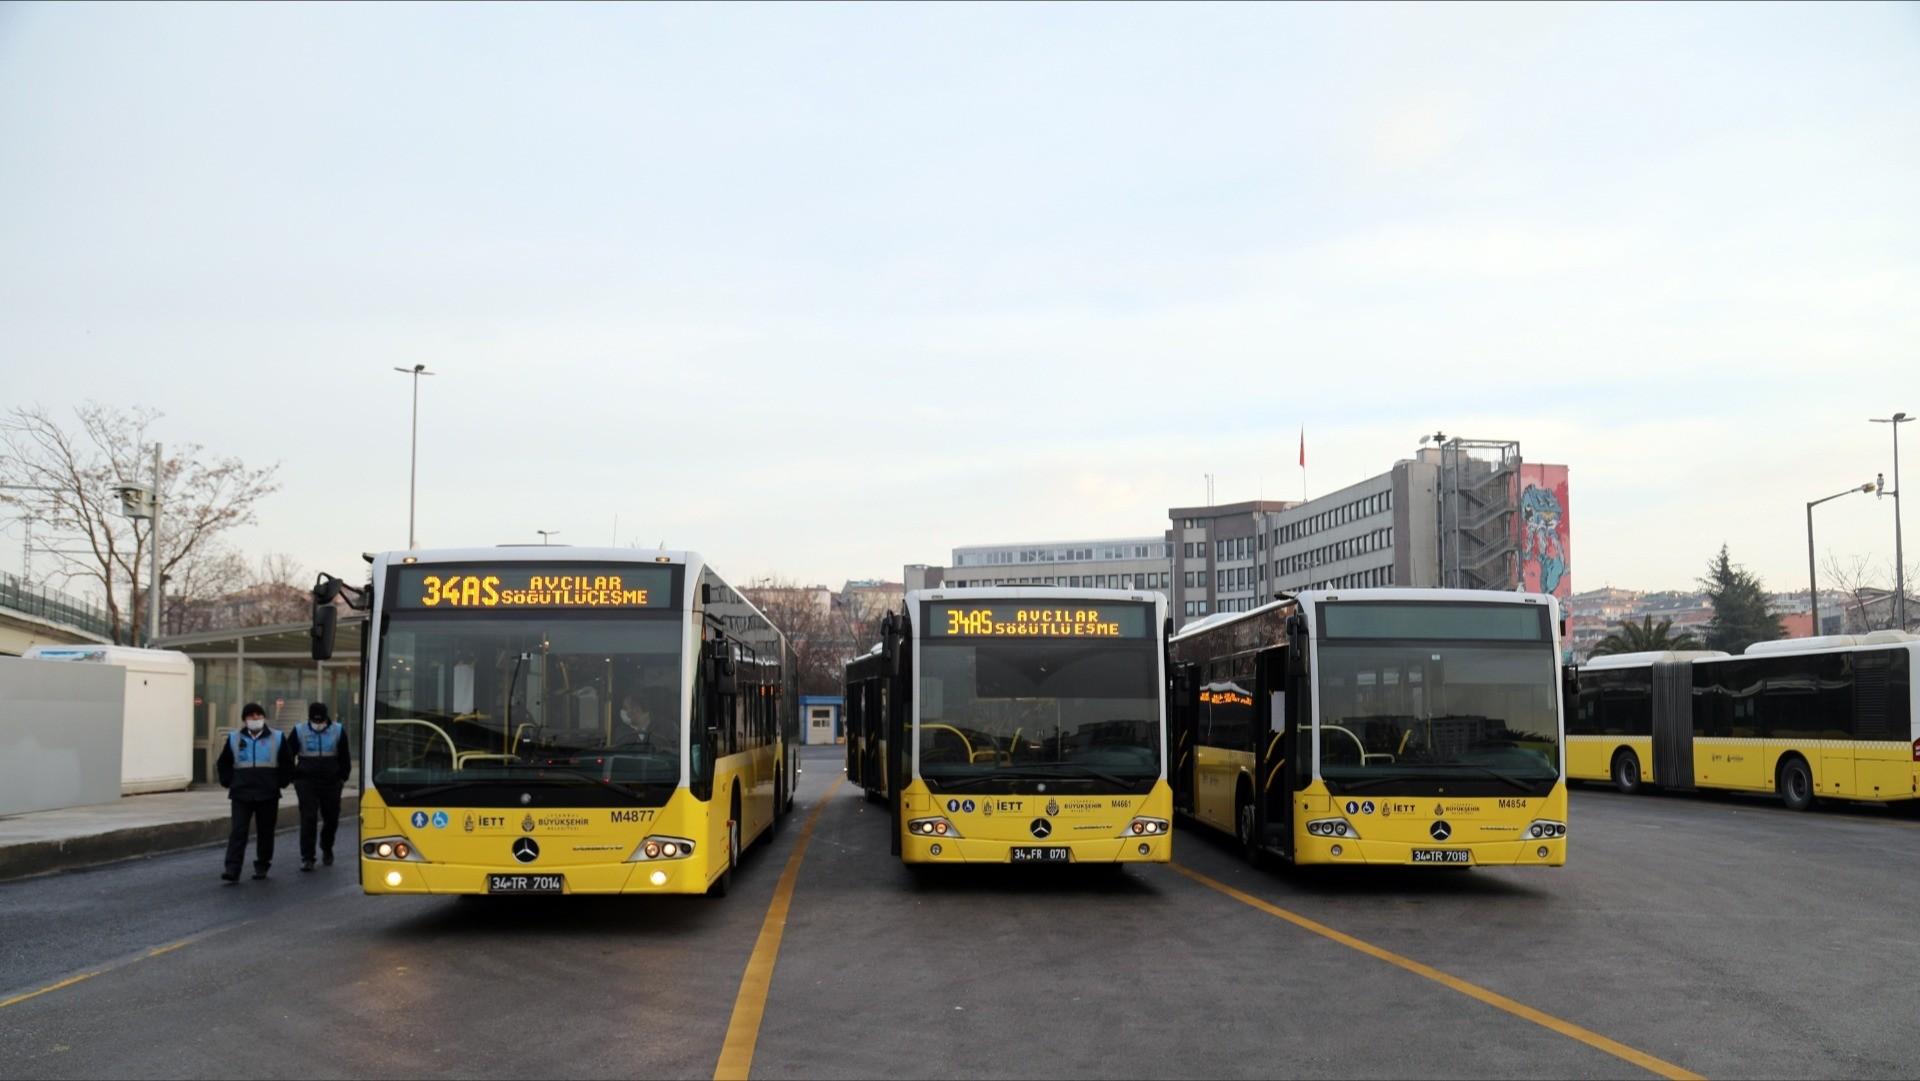 İBB'den toplu taşıma araçlarına korona ayarı! Ek seferler düzenlenecek, yoğun hatlara ağırlık verilecek